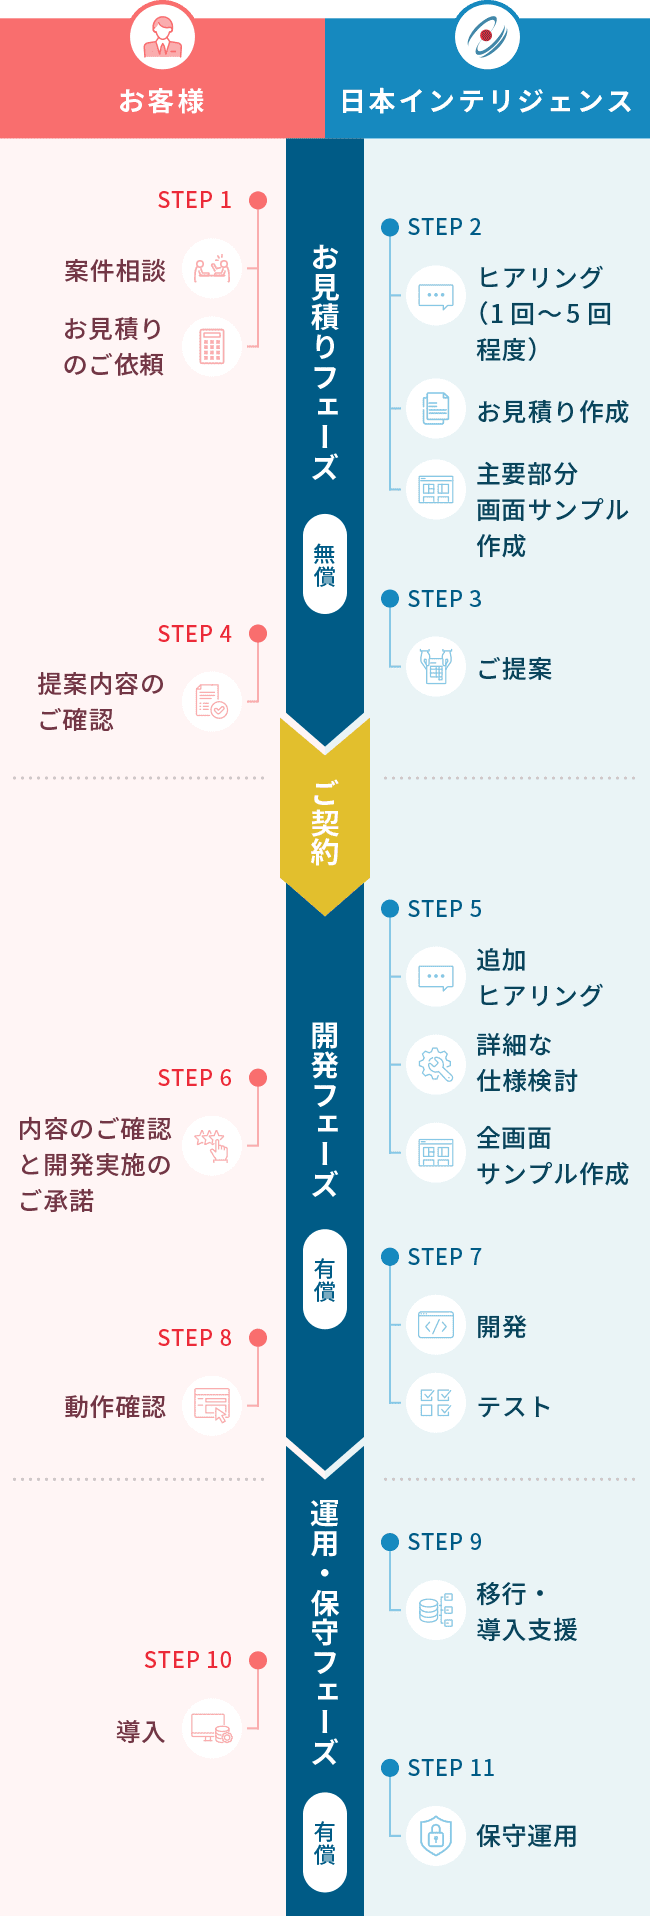 受託開発サービスのフローチャート図